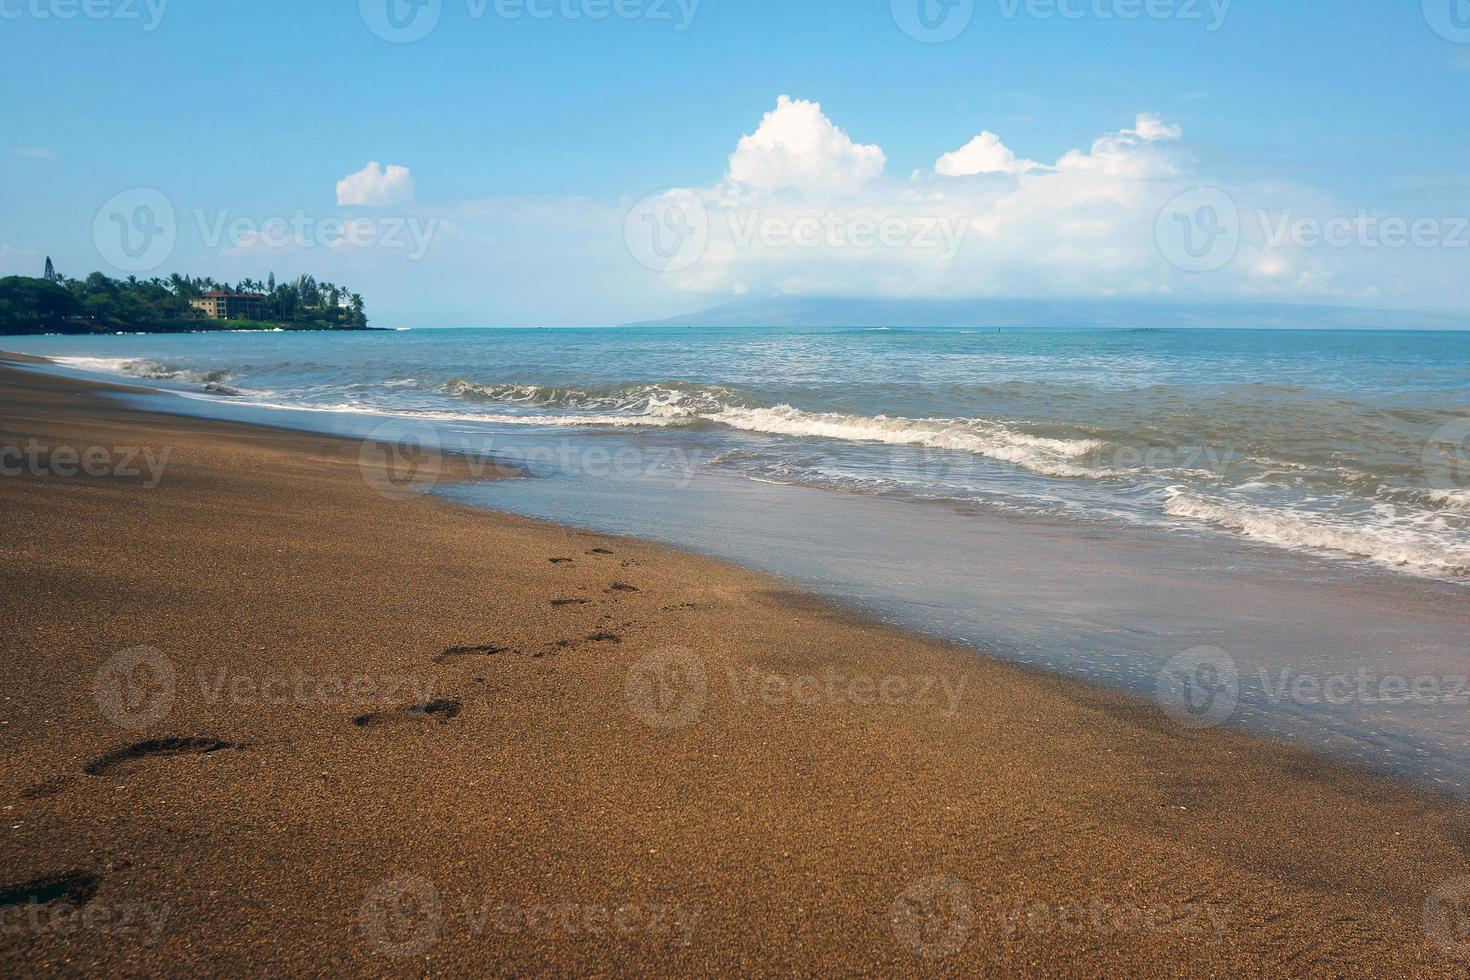 voetafdrukken op kahana strand foto